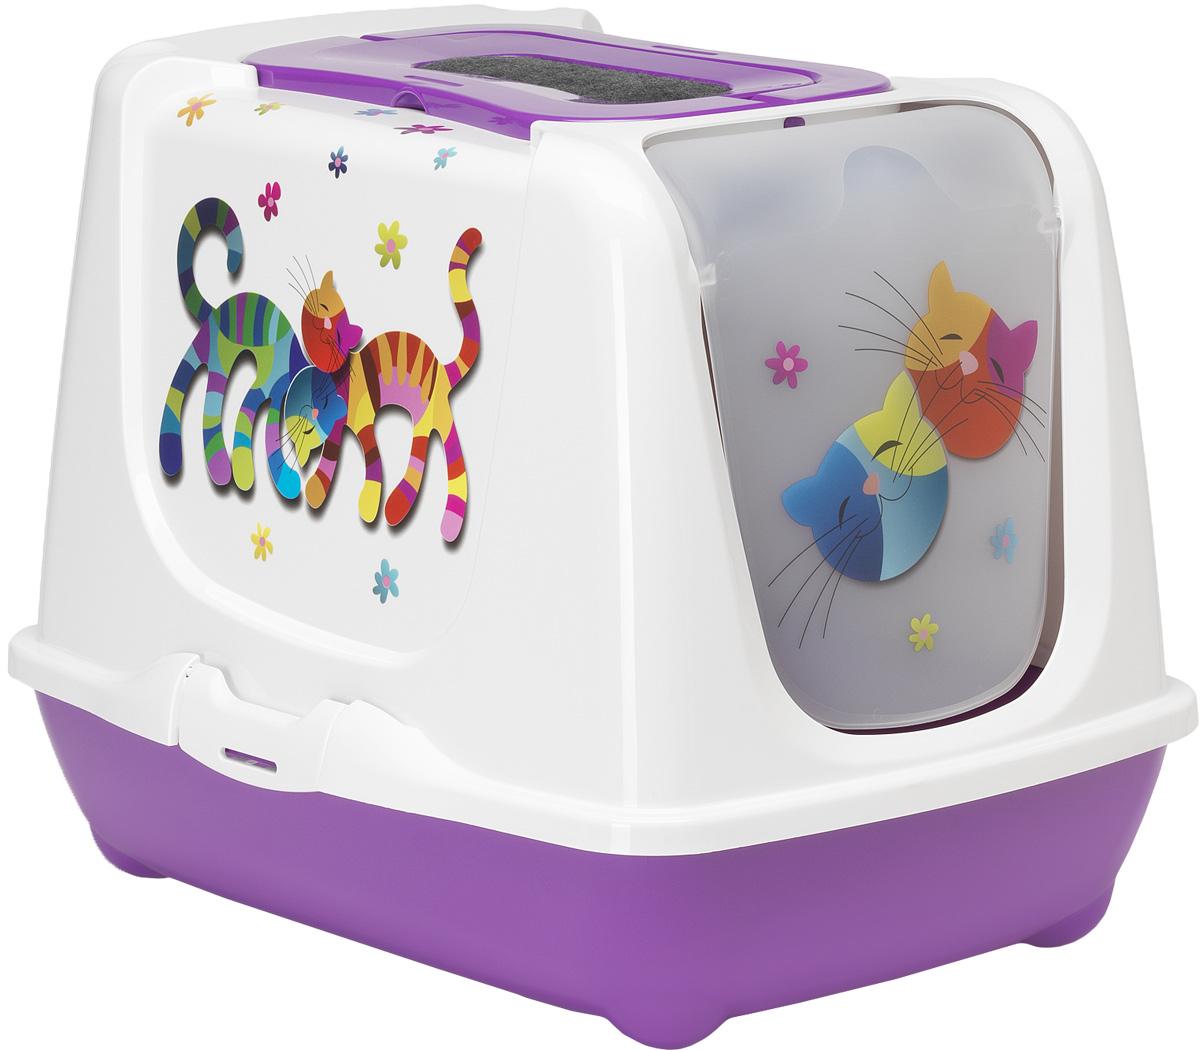 Туалет для кошек Moderna Trendy Cat. Друзья навсегда, закрытый, цвет: фиолетовый, 57 х 45 х 42,6 см0120710Закрытый туалет для кошек Trendy Cat. Друзья навсегда выполнен из высококачественного пластика. Туалет оснащен прозрачной открывающейся дверцей, сменным фильтром и удобной ручкой для переноски. Такой туалет избавит ваш дом от неприятного запаха и разбросанных повсюду частичек наполнителя. Кошка в таком туалете будет чувствовать себя увереннее, ведь в этом укромном уголке ее никто не увидит. Кроме того, яркий дизайн с легкостью впишется в интерьер вашего дома. Туалет легко открывается для чистки благодаря практичным защелкам по бокам.